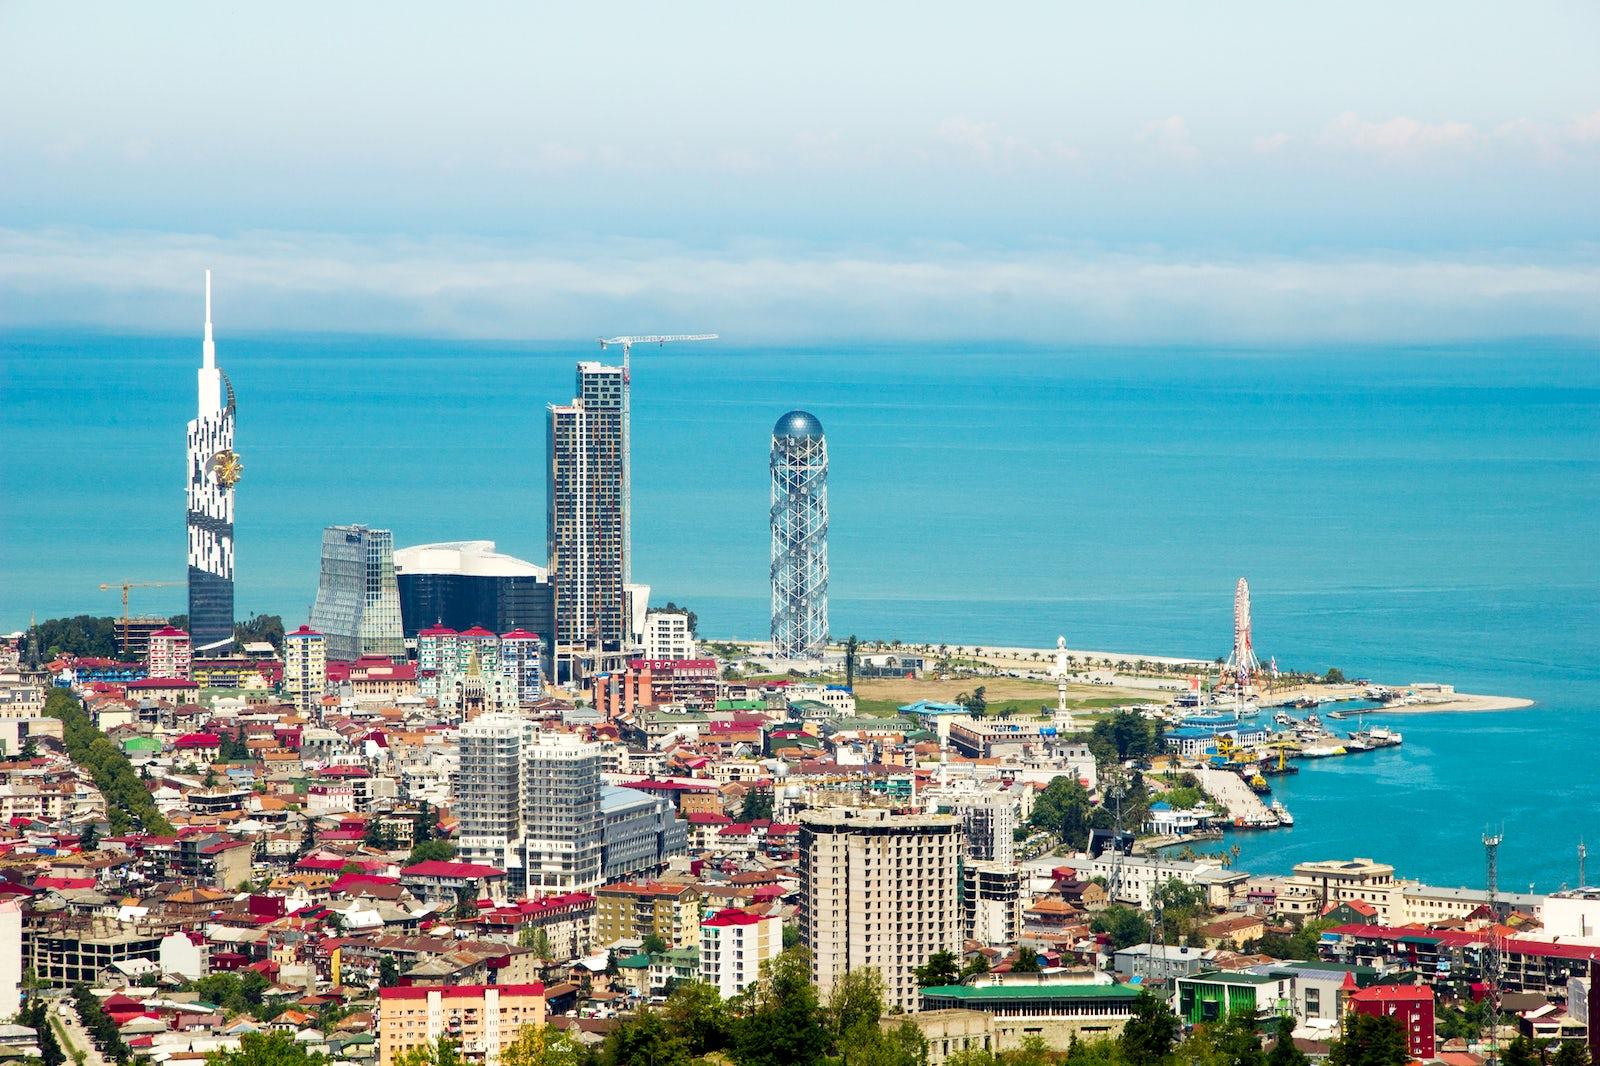 !i18n:es:data.cities:batumi.picture.caption